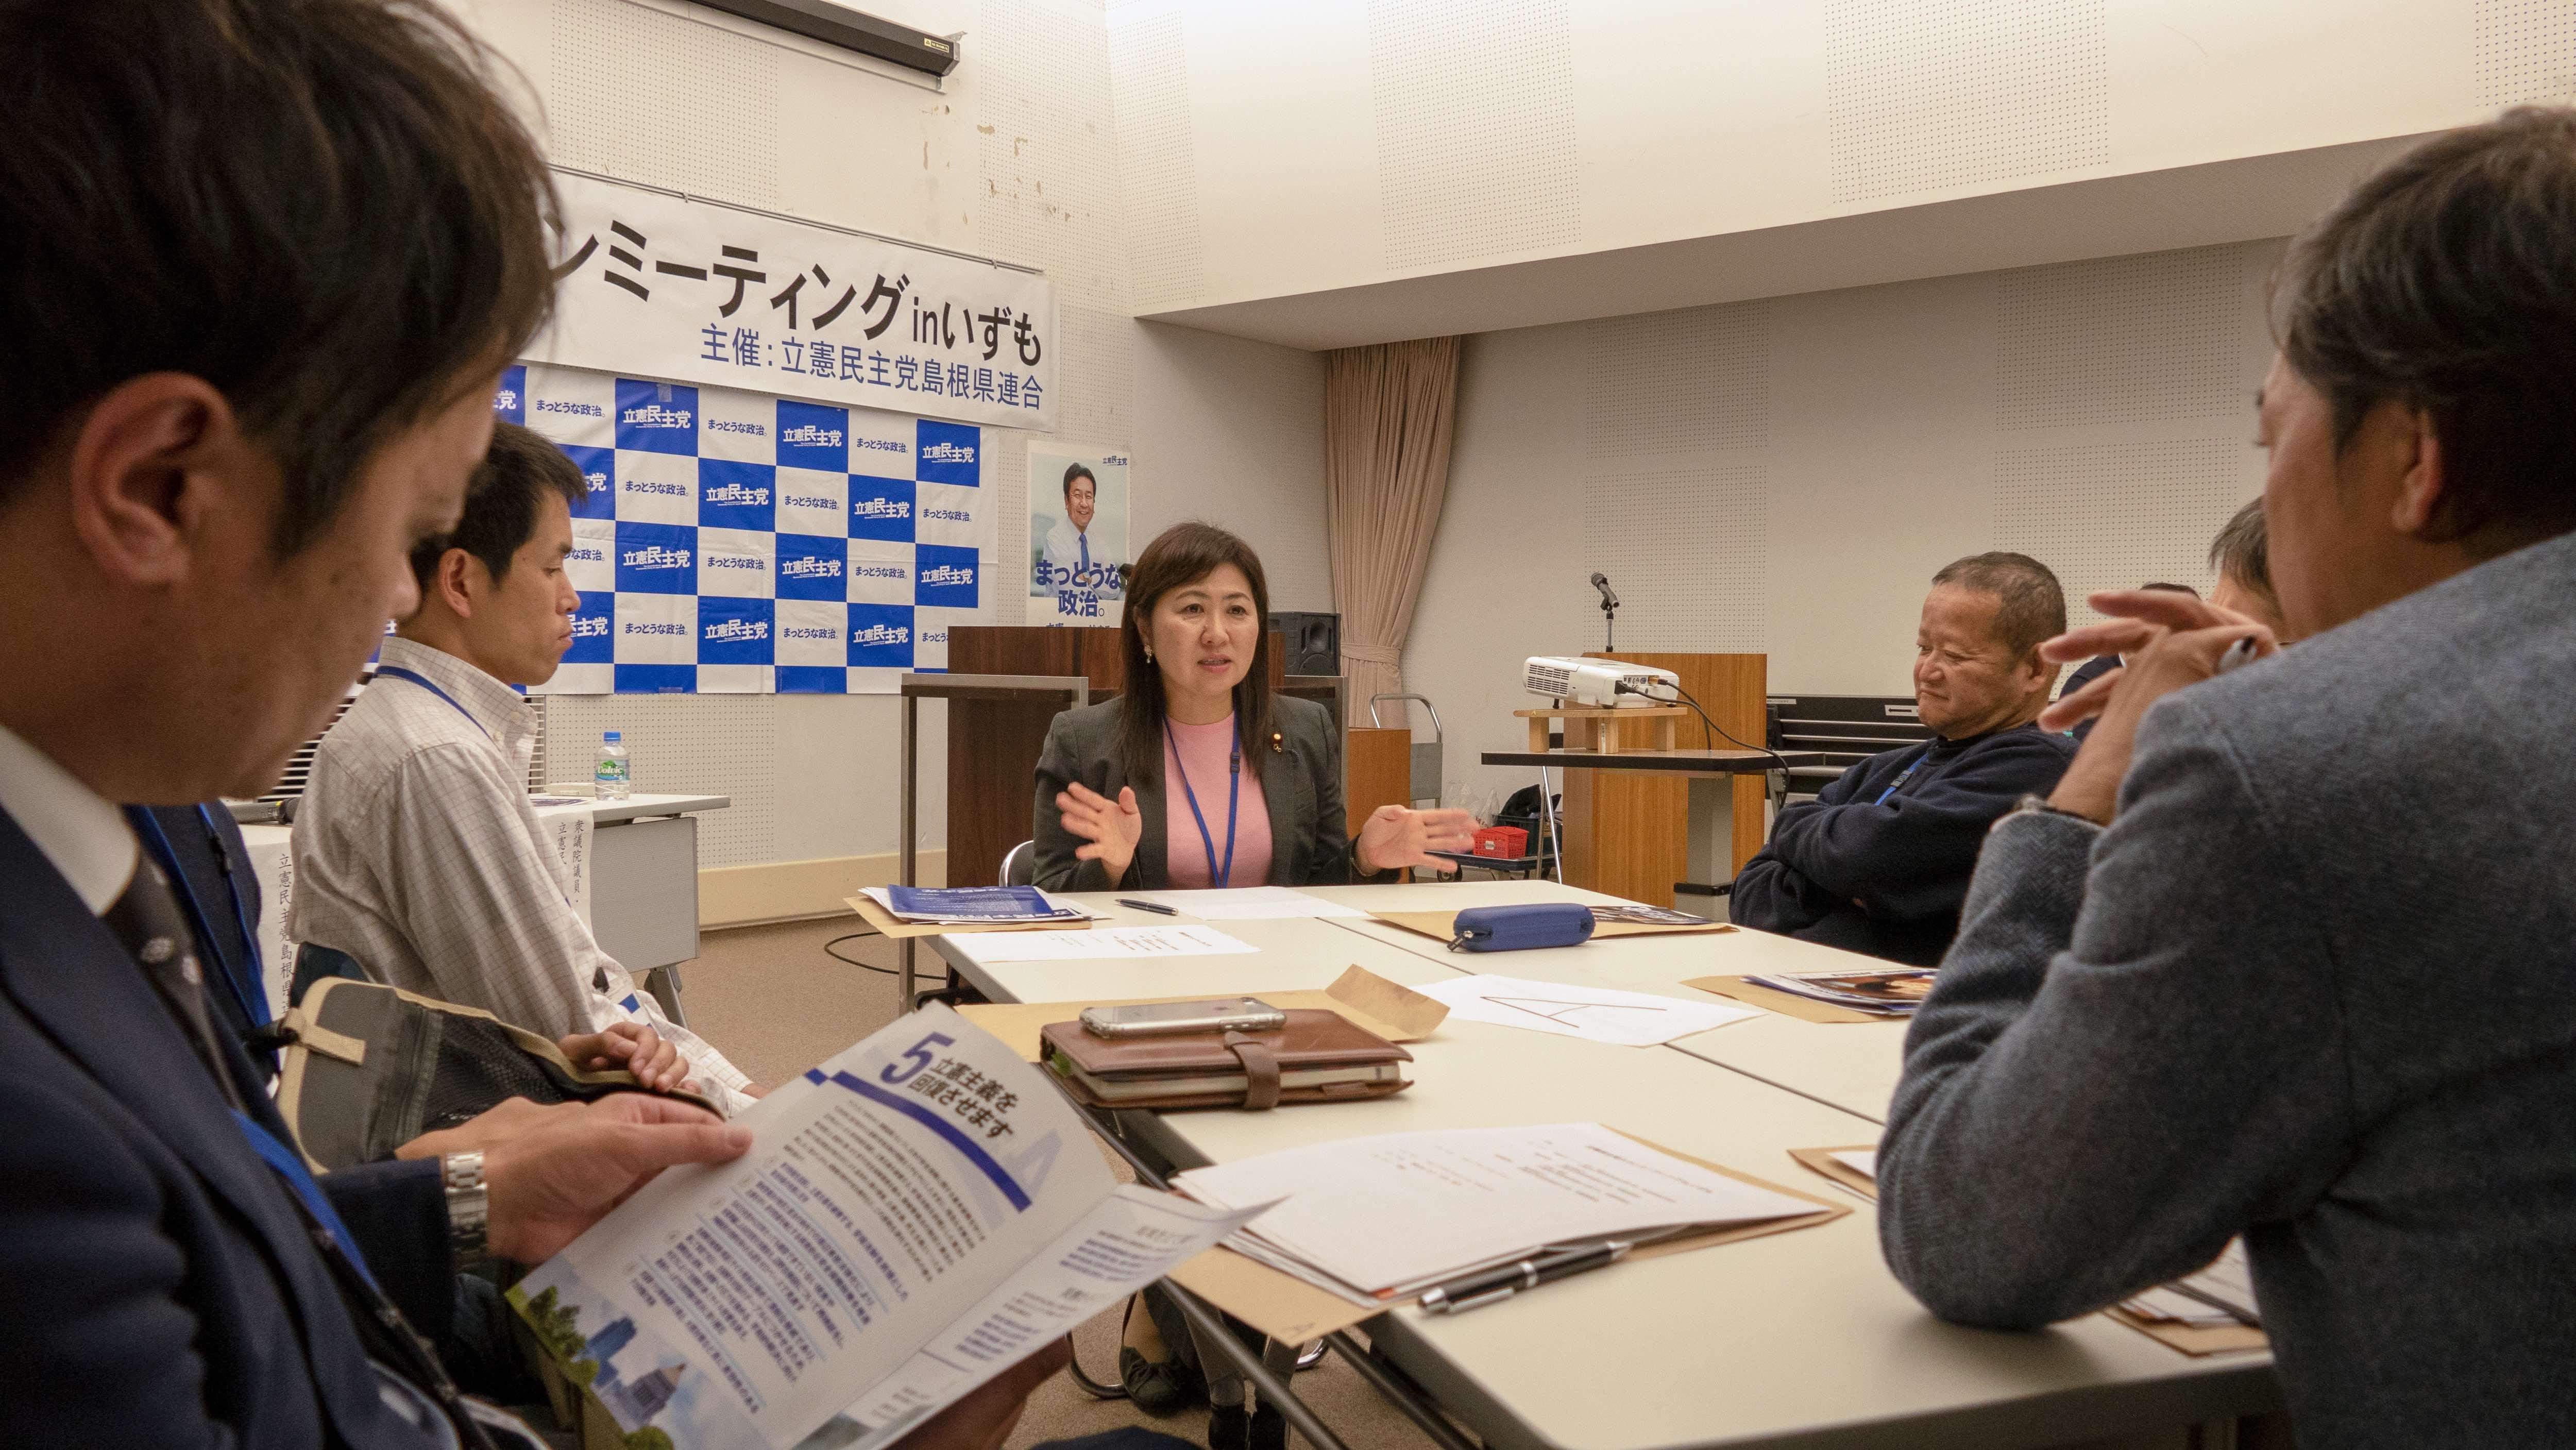 亀井あきこ衆議院議員 グループディスカッション 2018年11月18日立憲民主党タウンミーティングinいずも